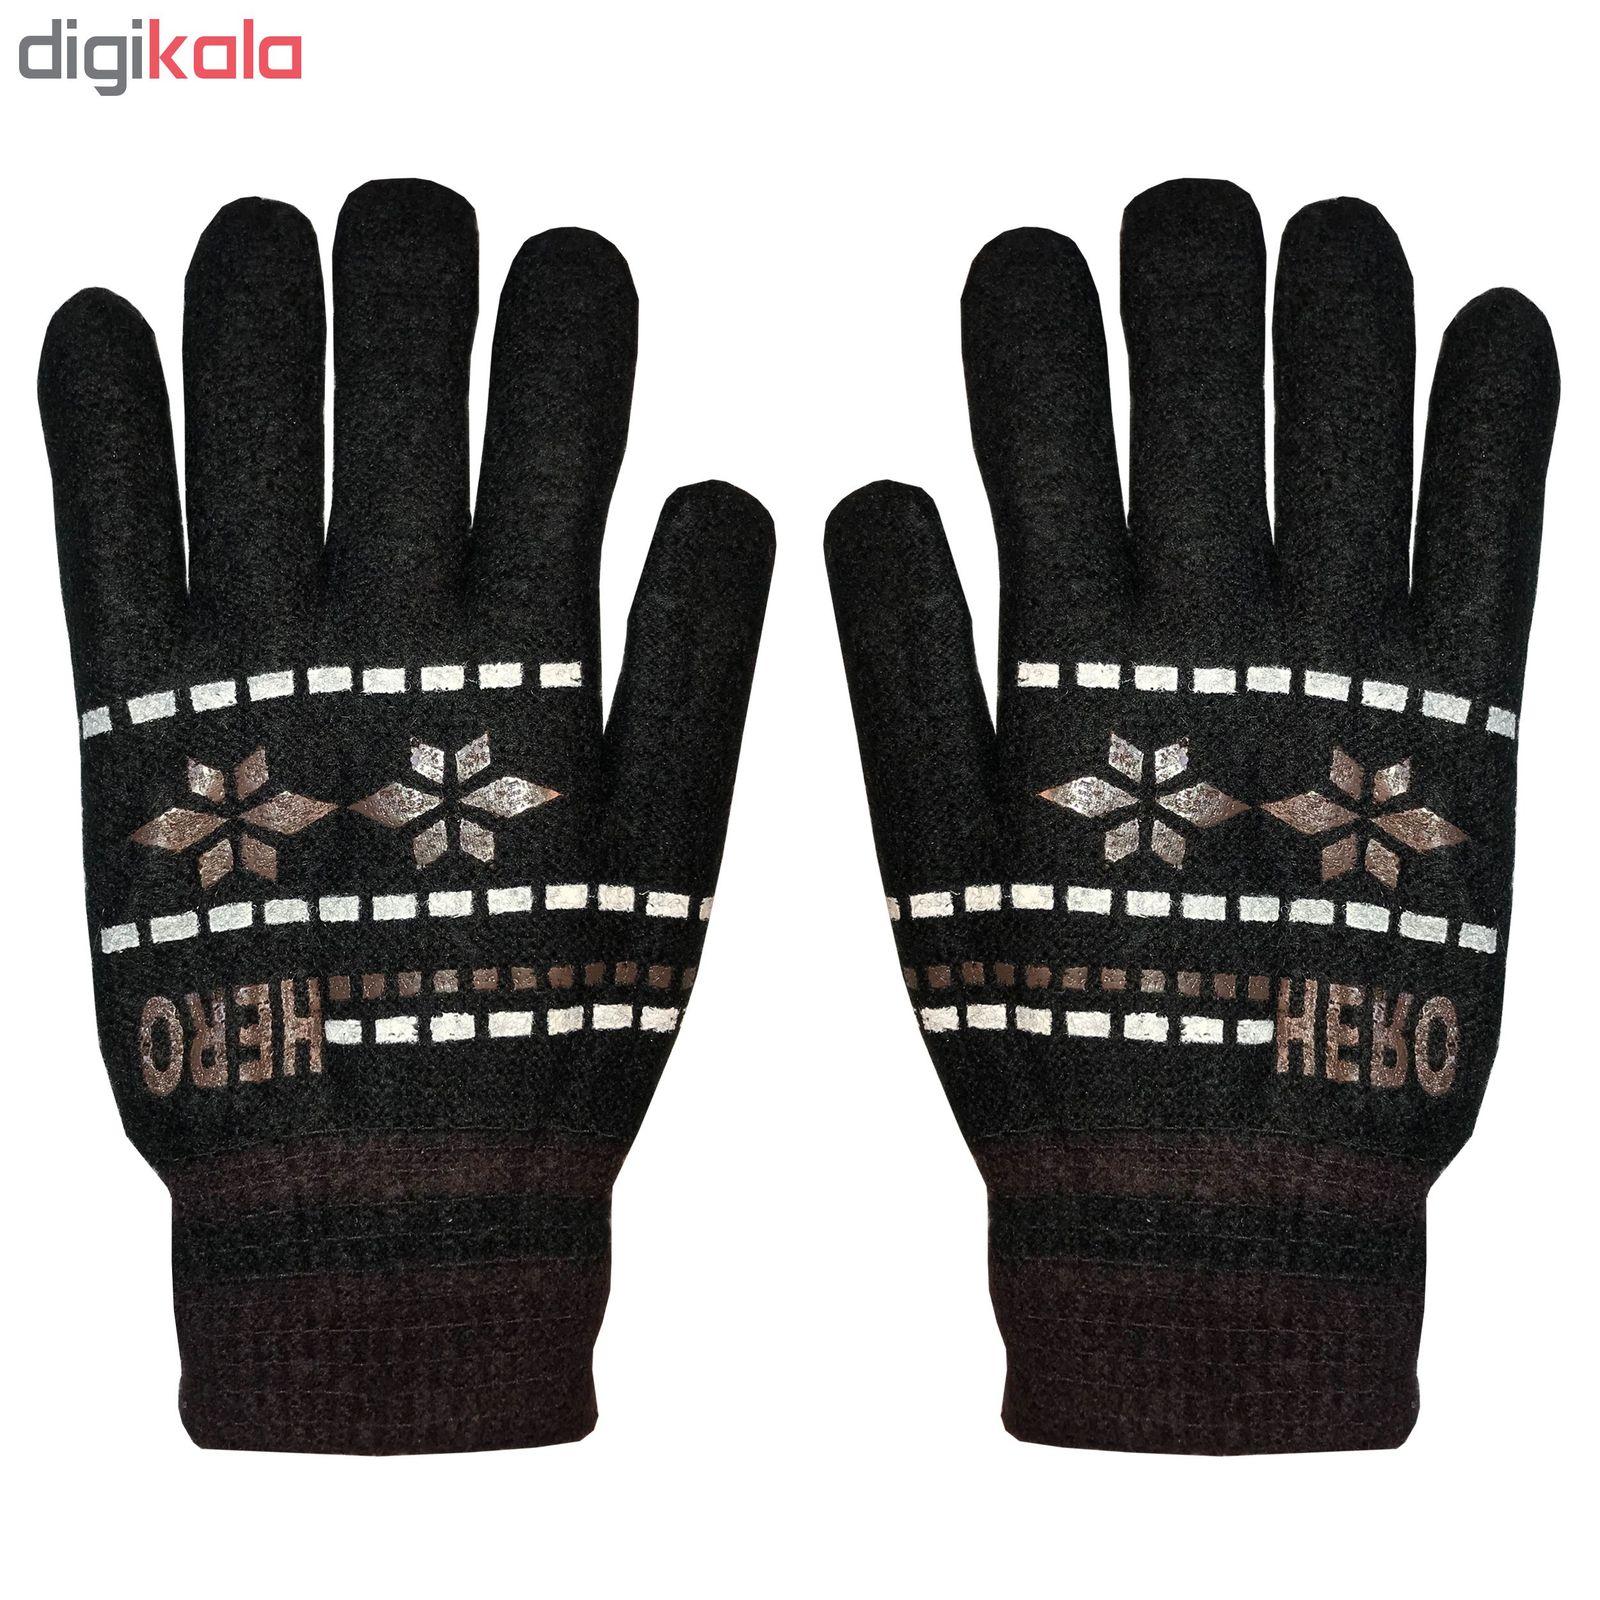 دستکش بافتنی مردانه مدل ۰۴ main 1 1